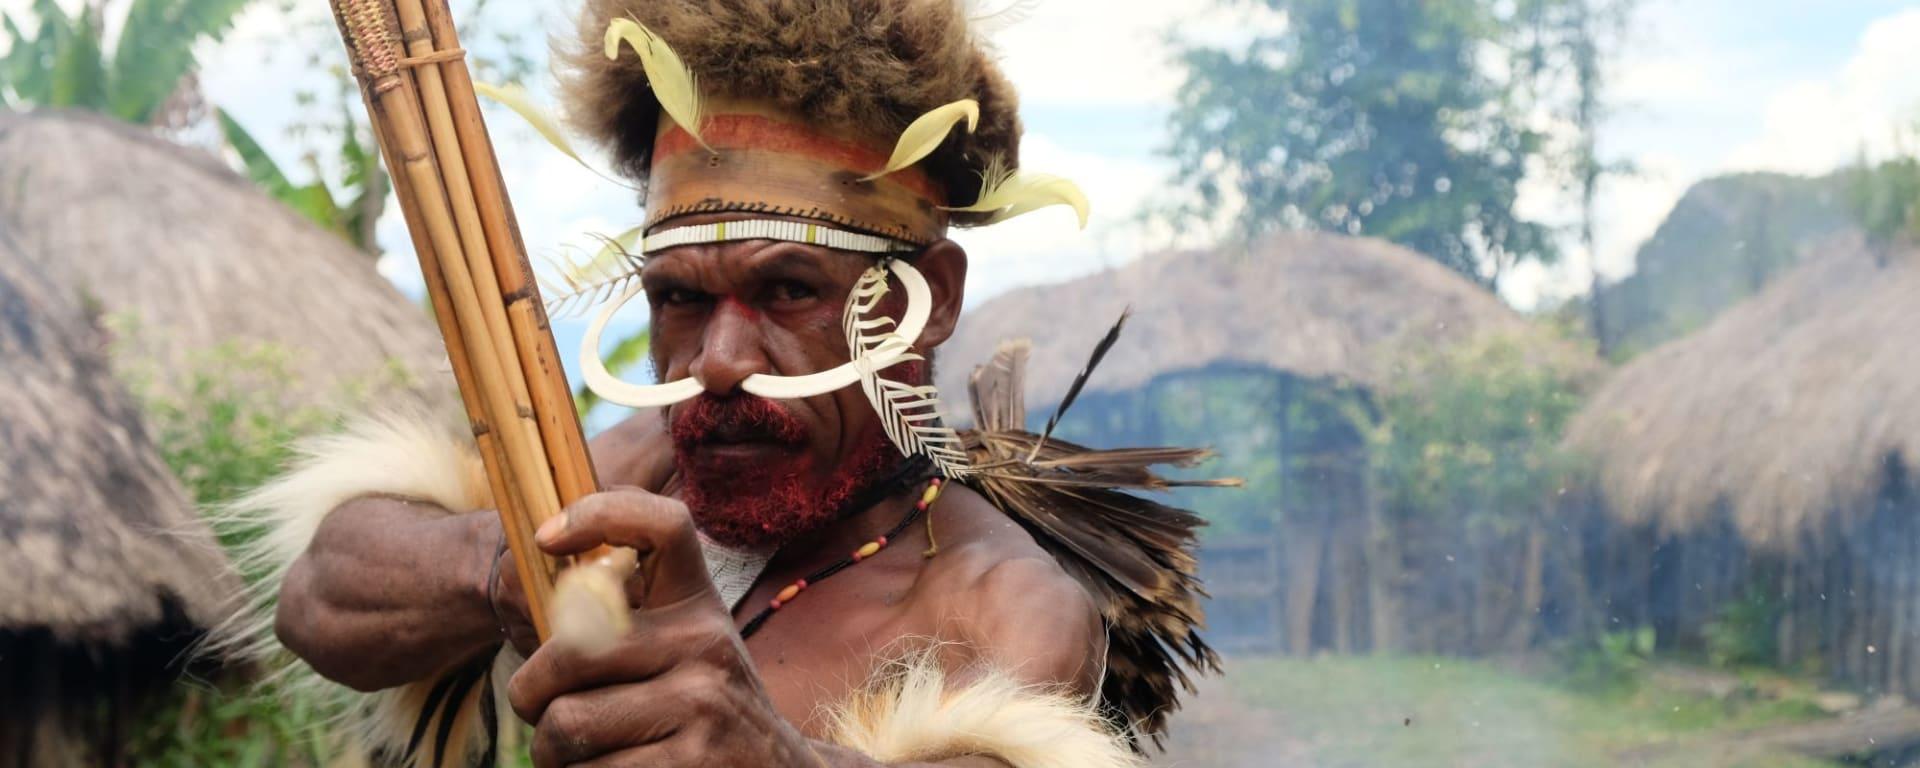 Papouasie – un voyage dans un autre temps de Jayapura: Dani Chieftain